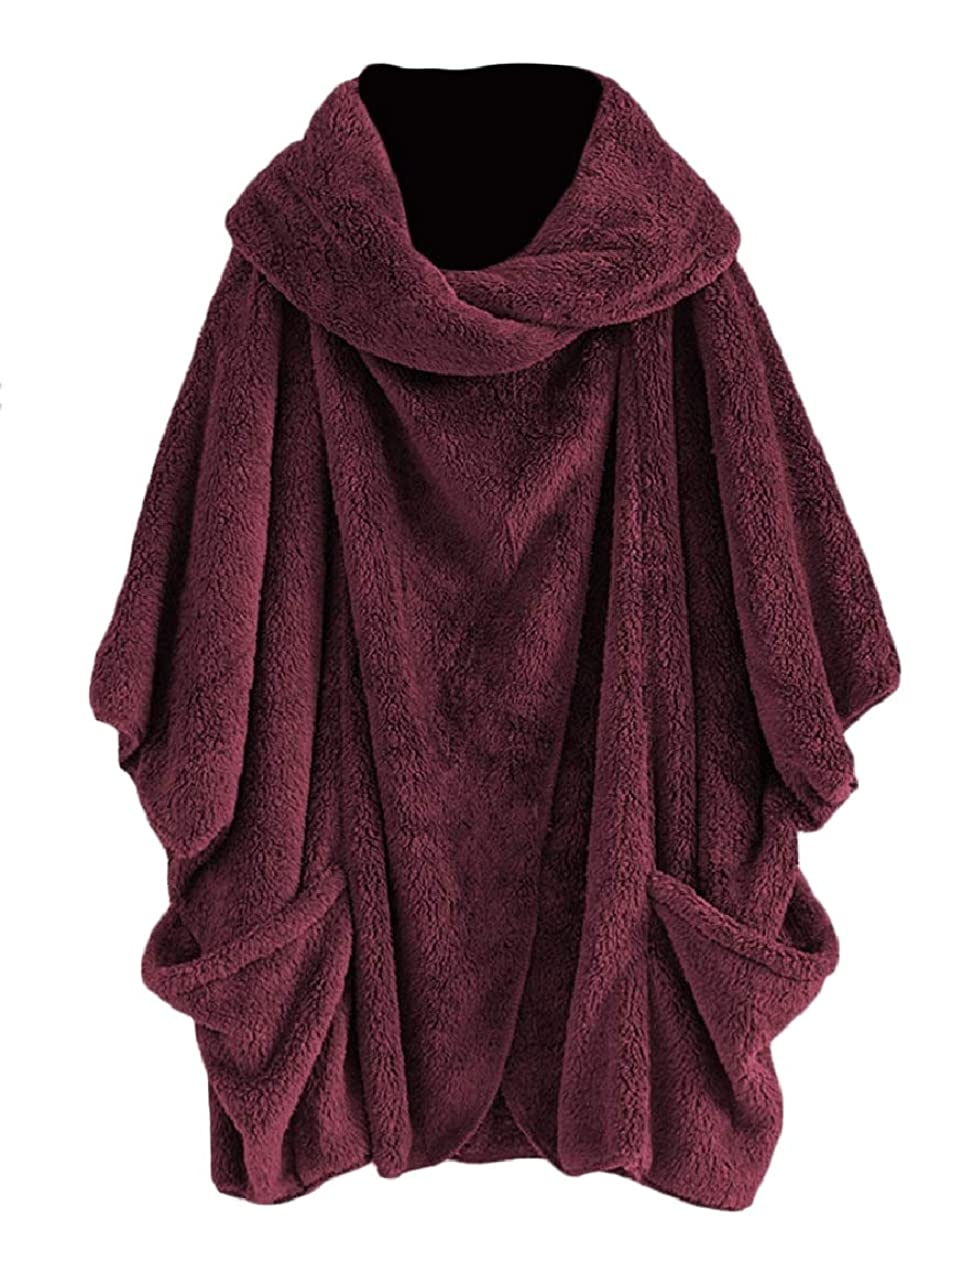 解釈する木材空白VITryst 女性高襟バットスリーブオープンフロントベルベットポケットコートコート